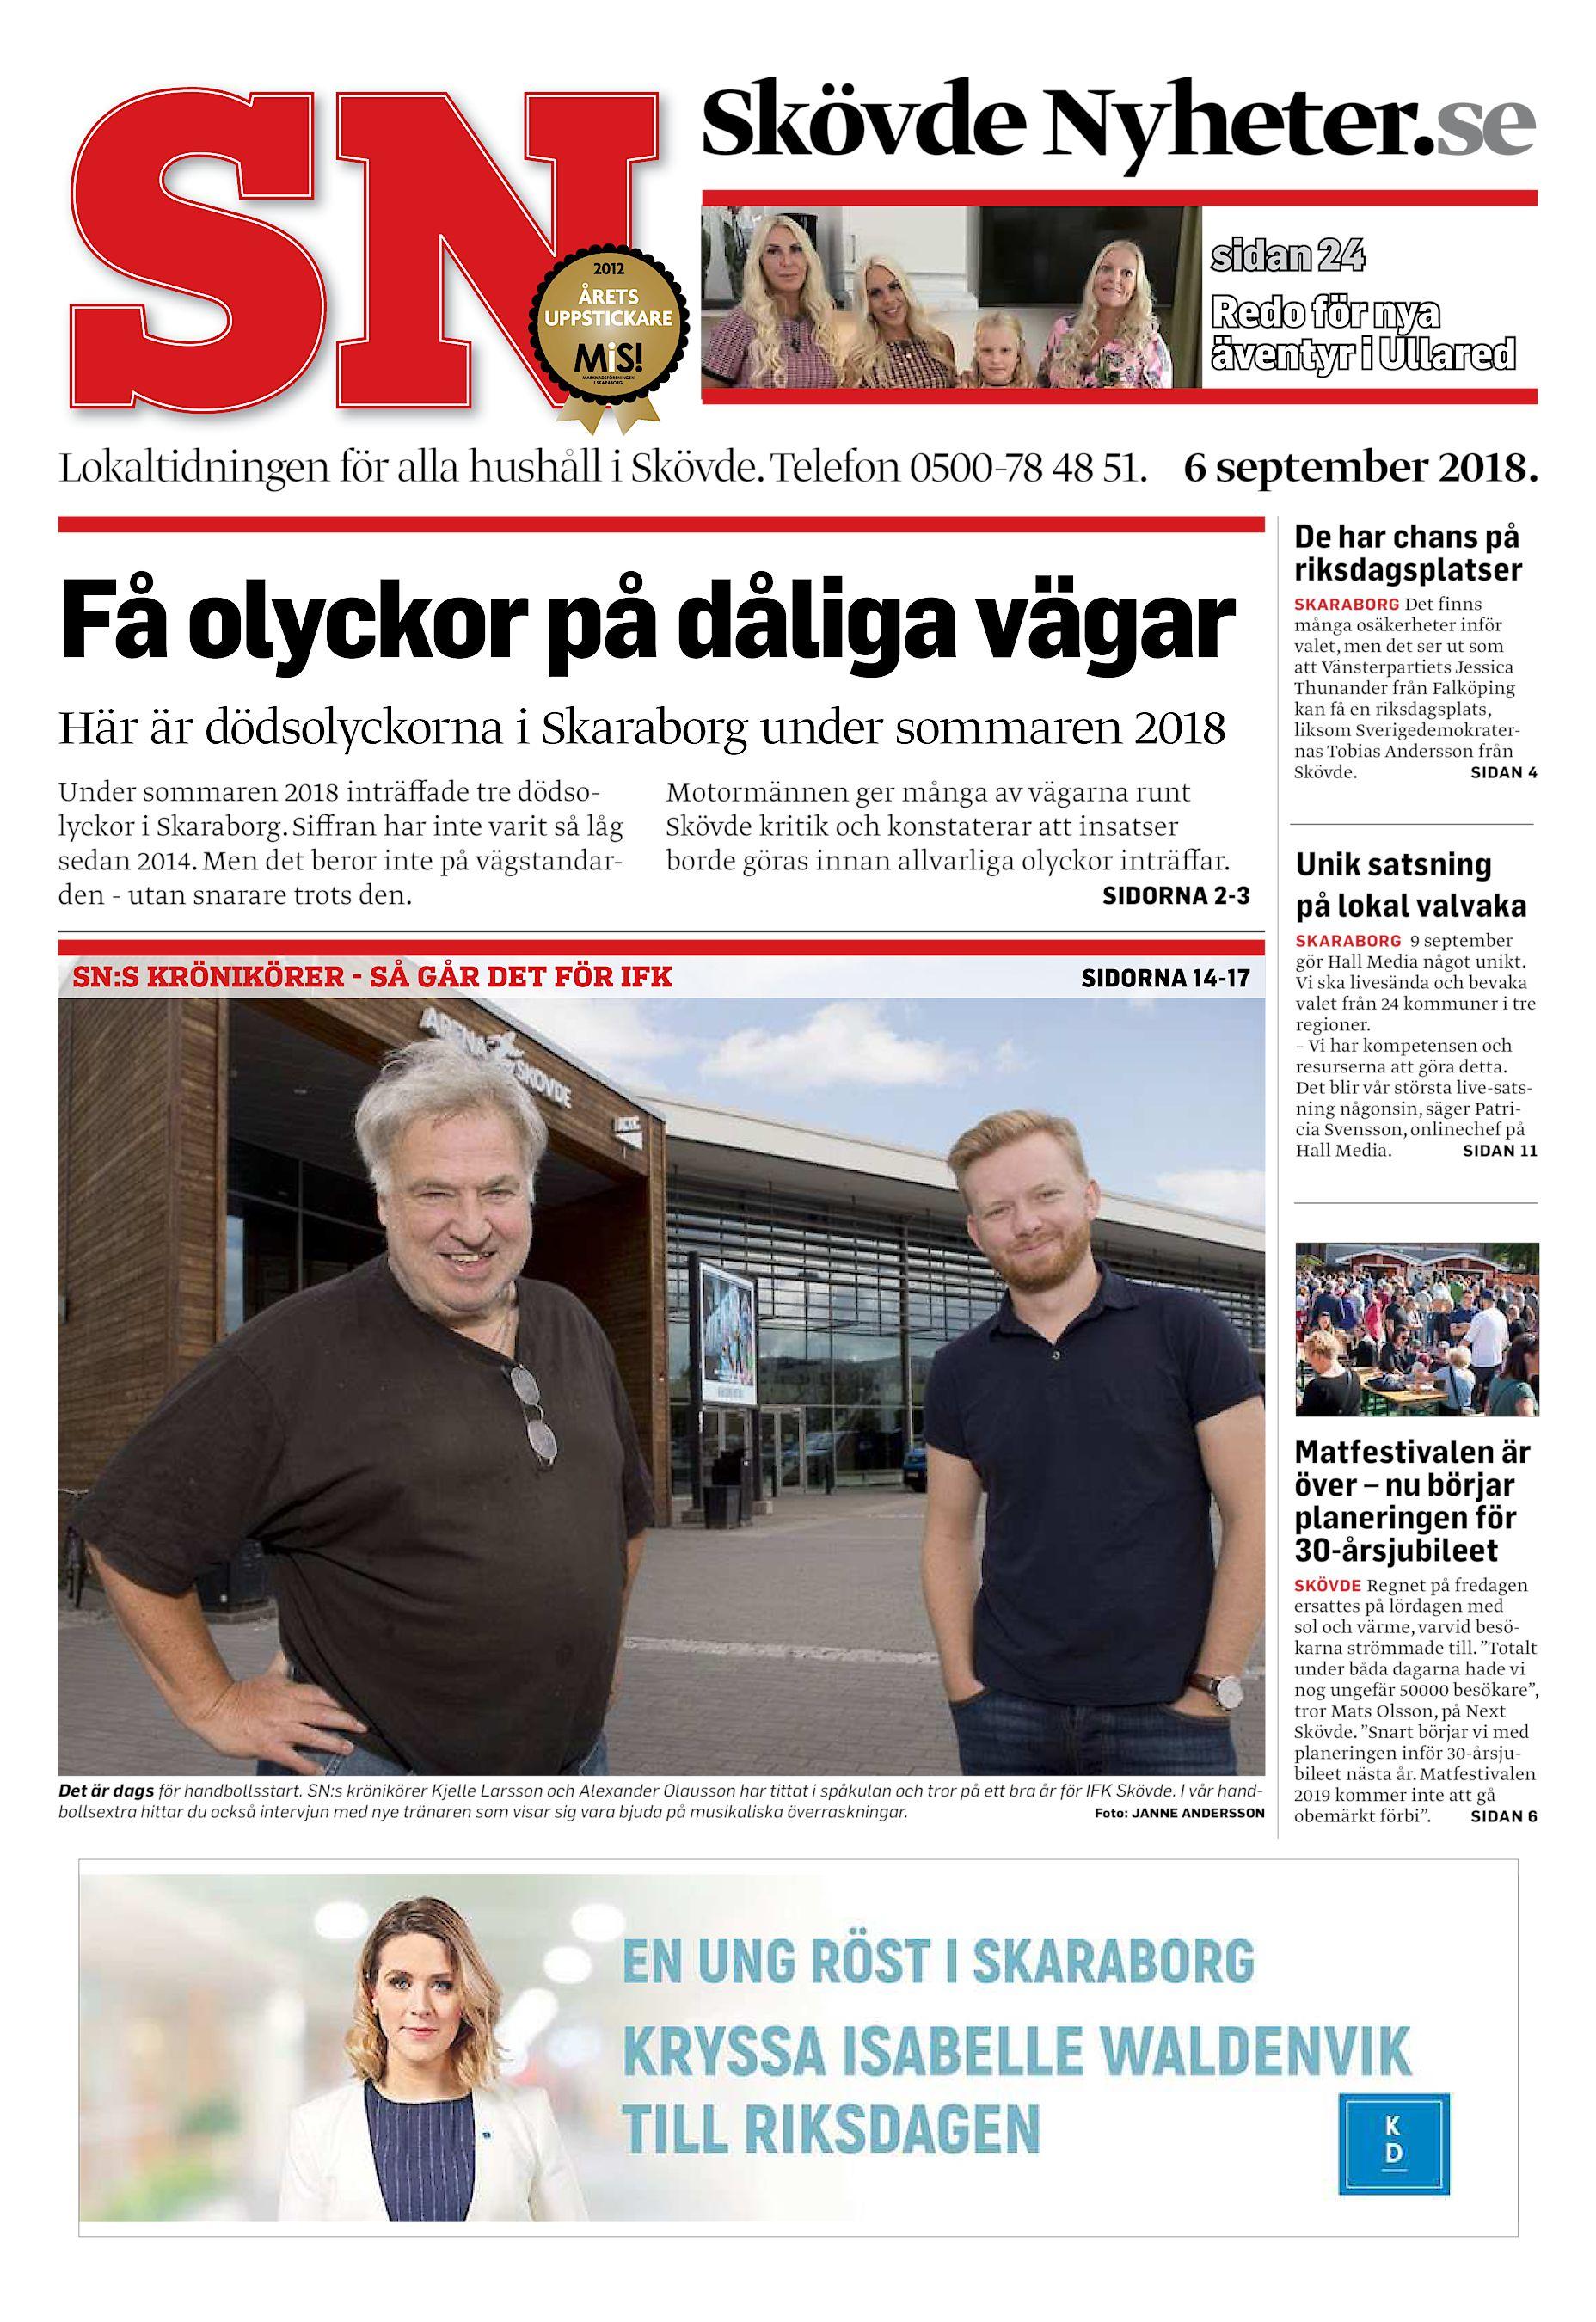 Skövde Nyheter.se sidan 24 Redo för nya äventyr i Ullared Lokaltidningen  för alla hushåll i Skövde. Telefon 0500-78 48 51. 6 september 2018. 52e1beb2e4ec4